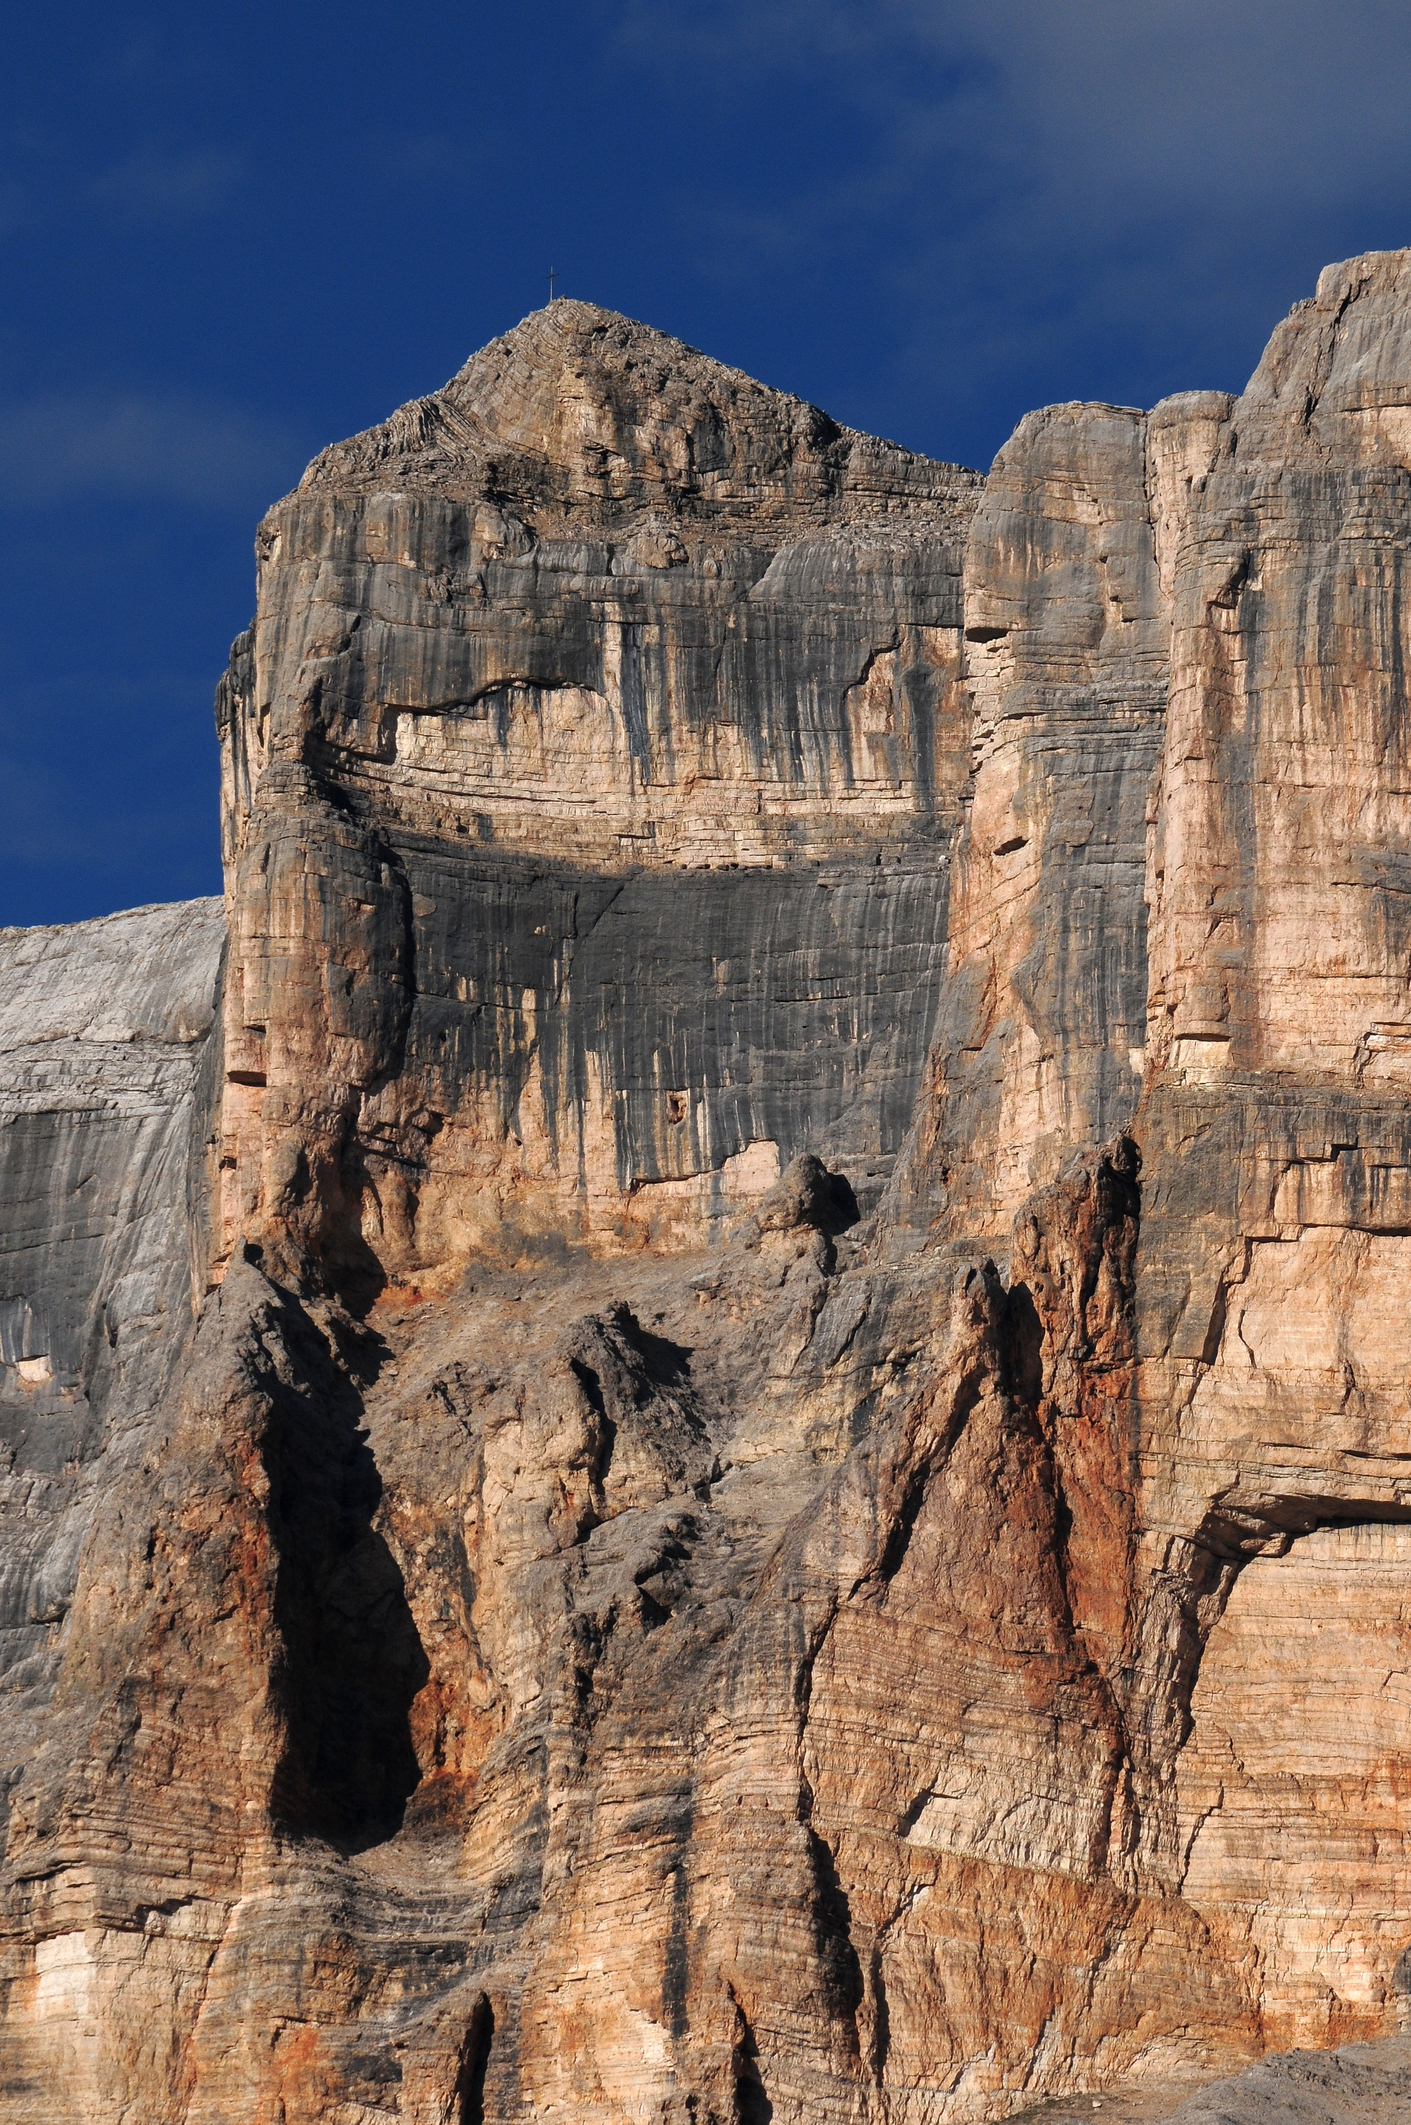 Sasso-della-Croce-in-the-Italian-Dolomites.-Alta-Badia,-Italy.-825931392_1413x2129.jpeg